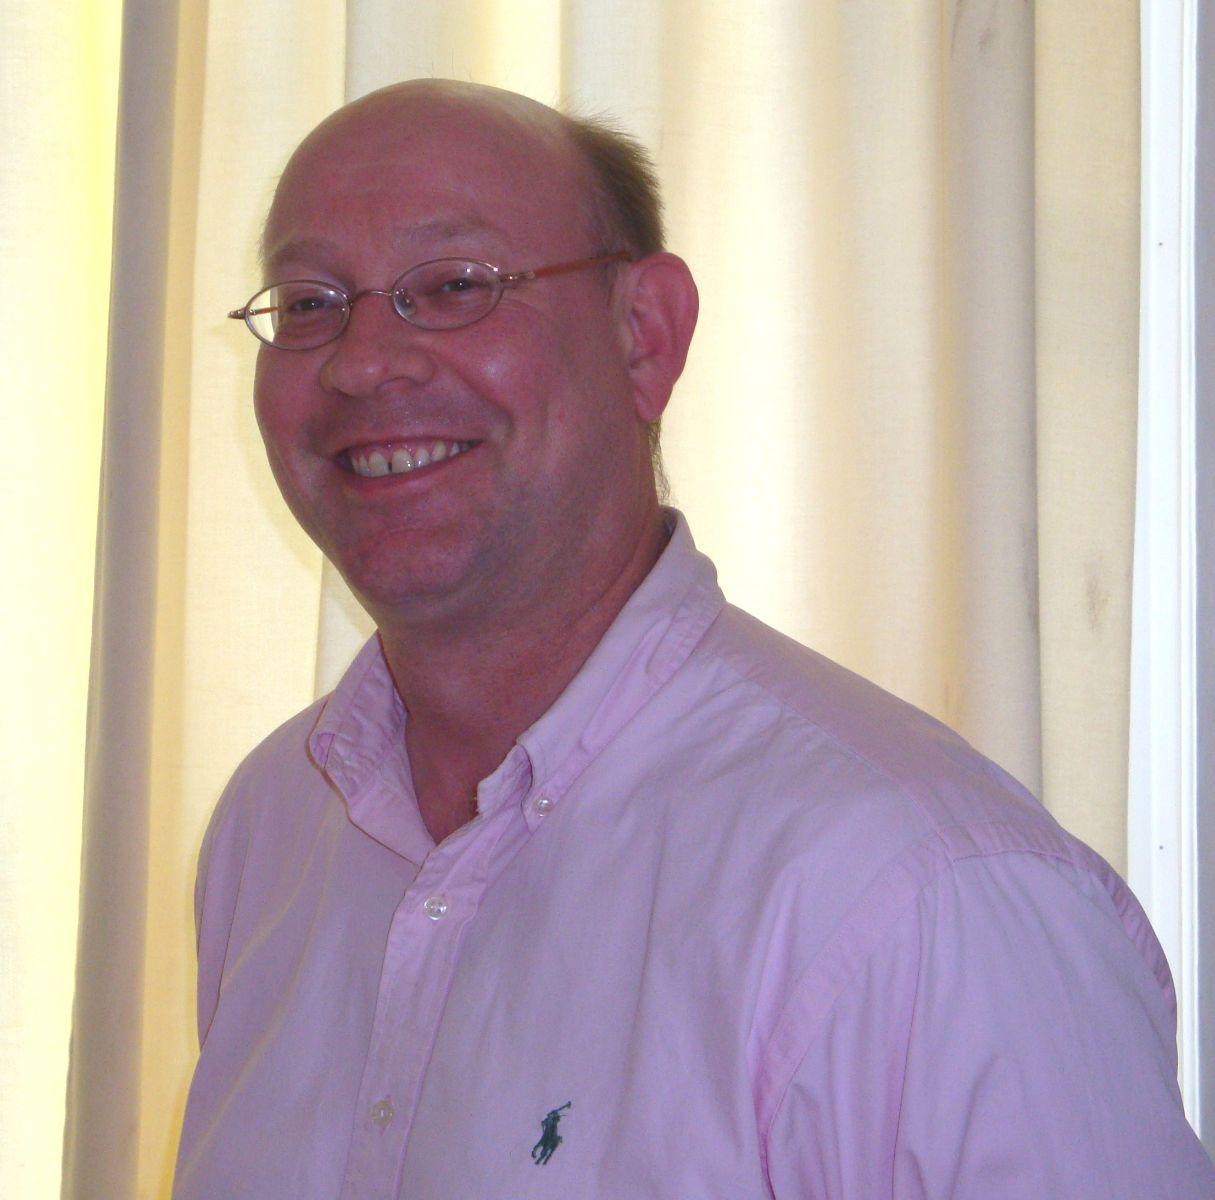 M.Listmann